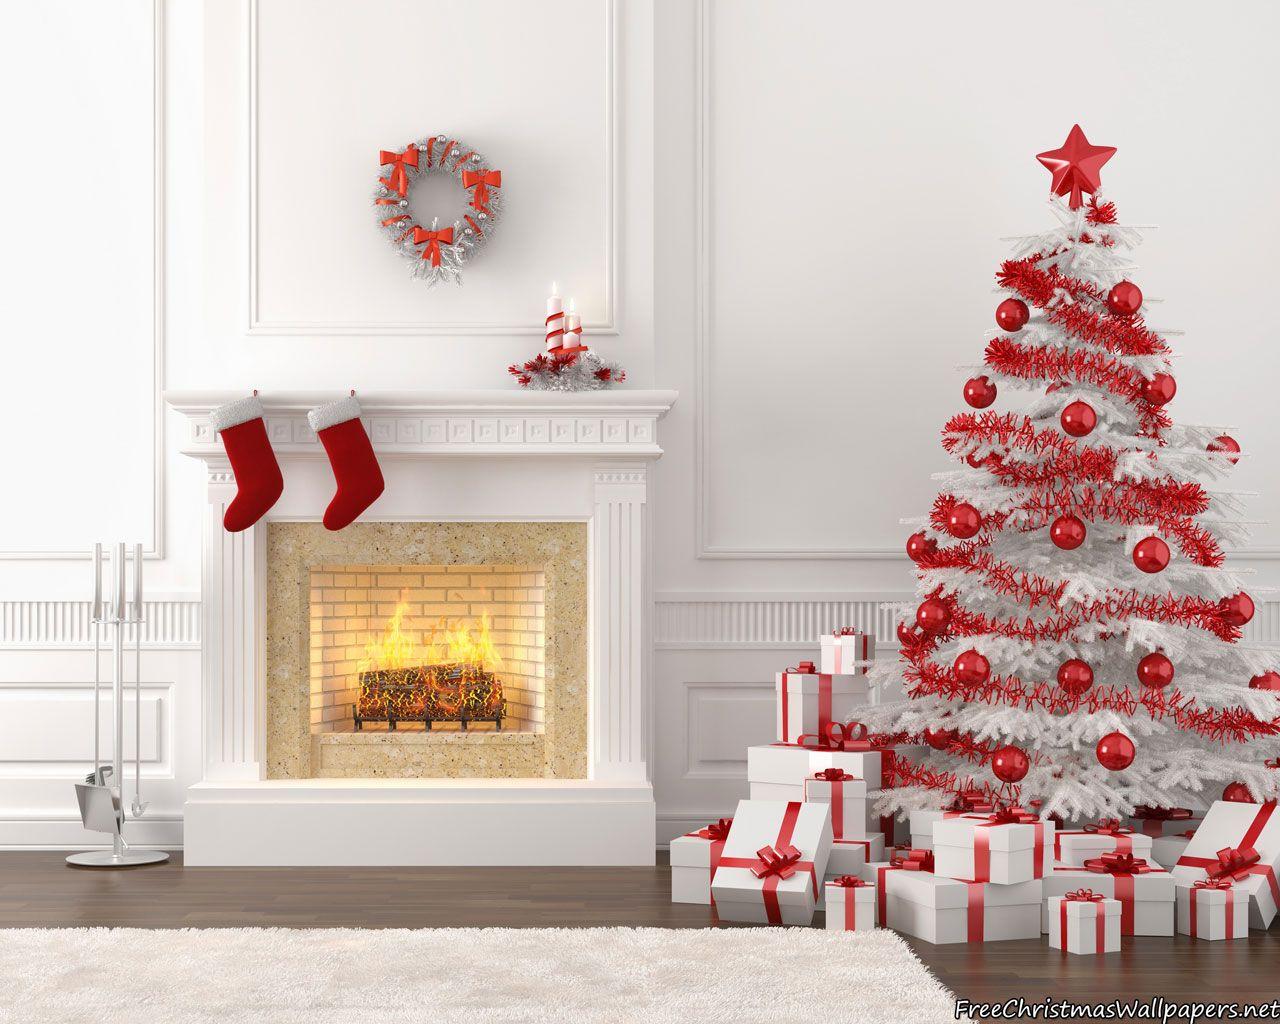 White Christmas Fireplace Christmas Fireplace Beautiful Christmas Christmas